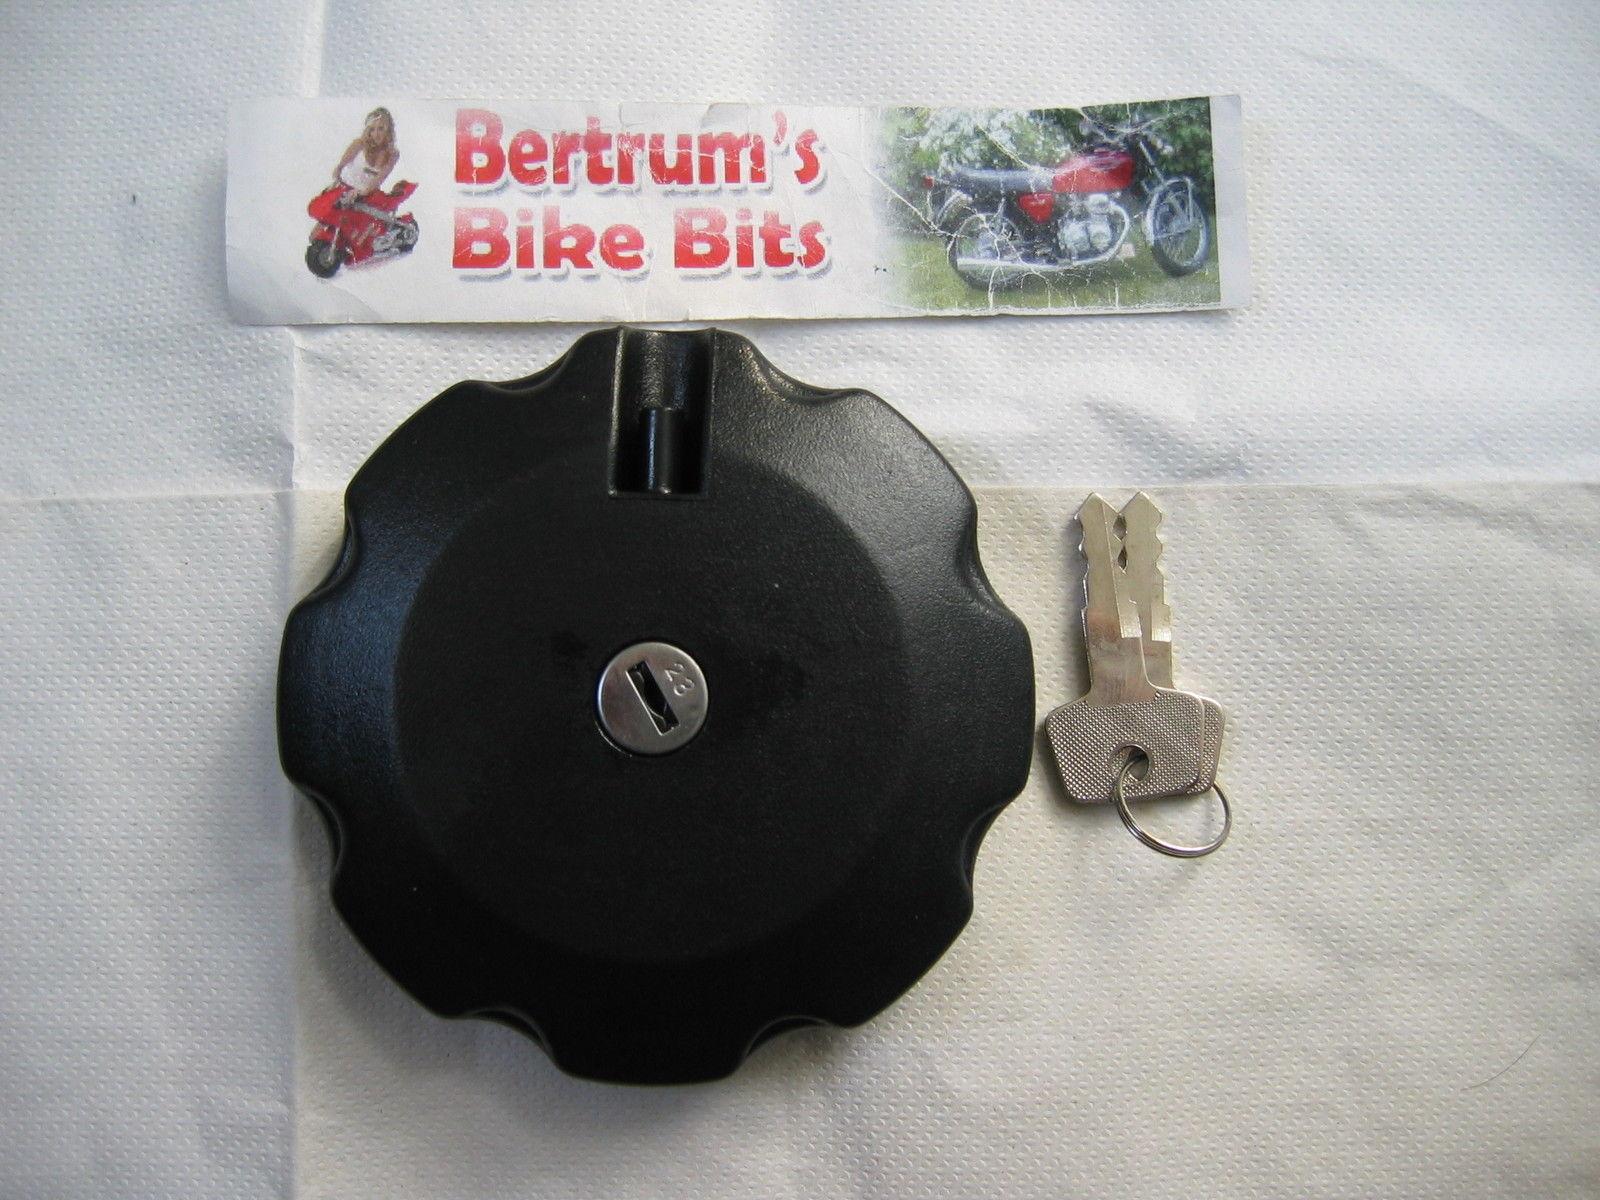 honda mtx 50 80 xl 125 185 250 500 nx 650 nuw fuel cap. Black Bedroom Furniture Sets. Home Design Ideas